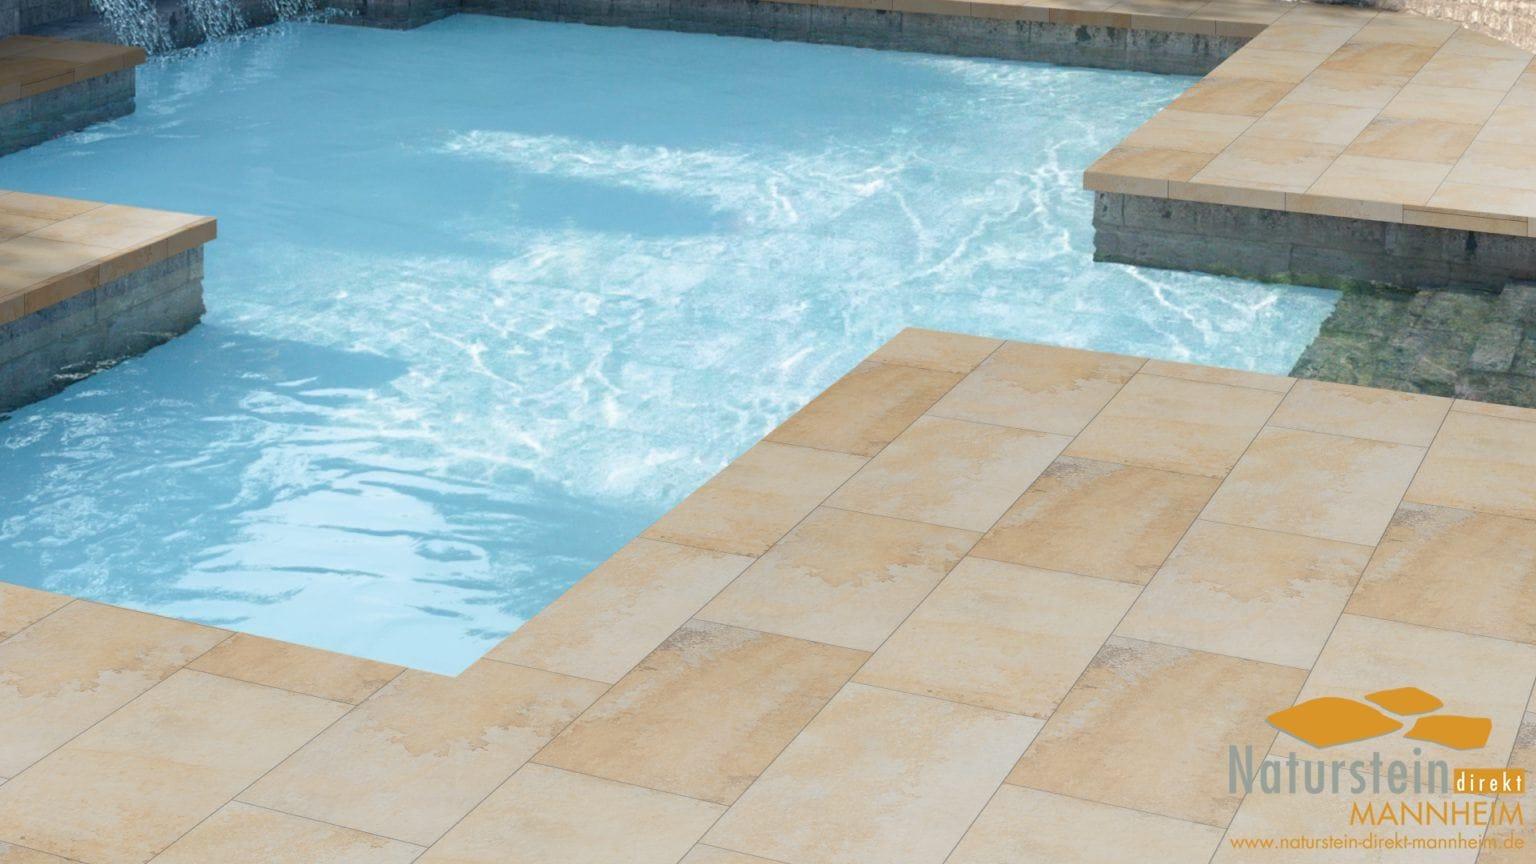 2 selektion terrassenplatten keramik solnhofen 120x60x2cm naturstein direkt mannheim. Black Bedroom Furniture Sets. Home Design Ideas